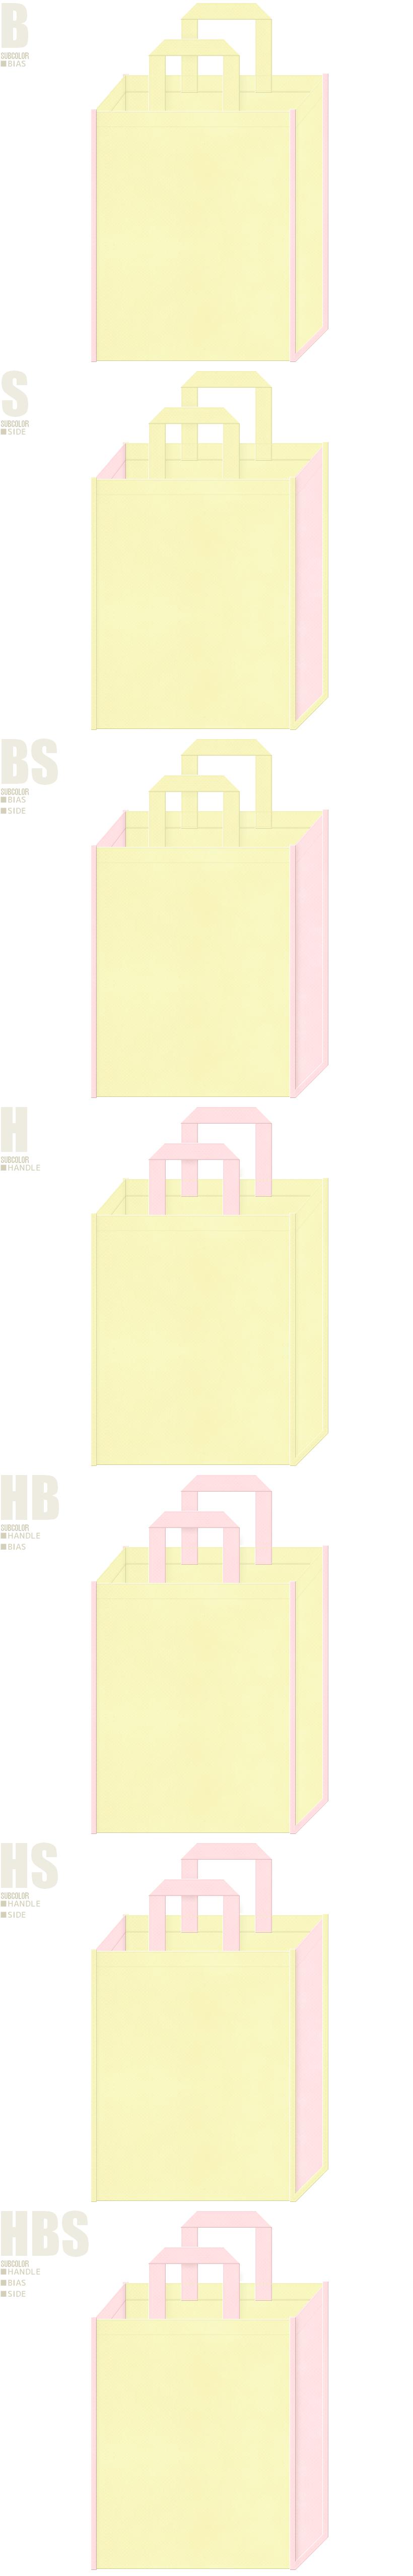 七五三・ひな祭り・フラワーショップ・ピーチ・ガーリーデザイン・保育・福祉・介護・医療施設にお奨めの不織布バッグデザイン:薄黄色と桜色の配色7パターン。